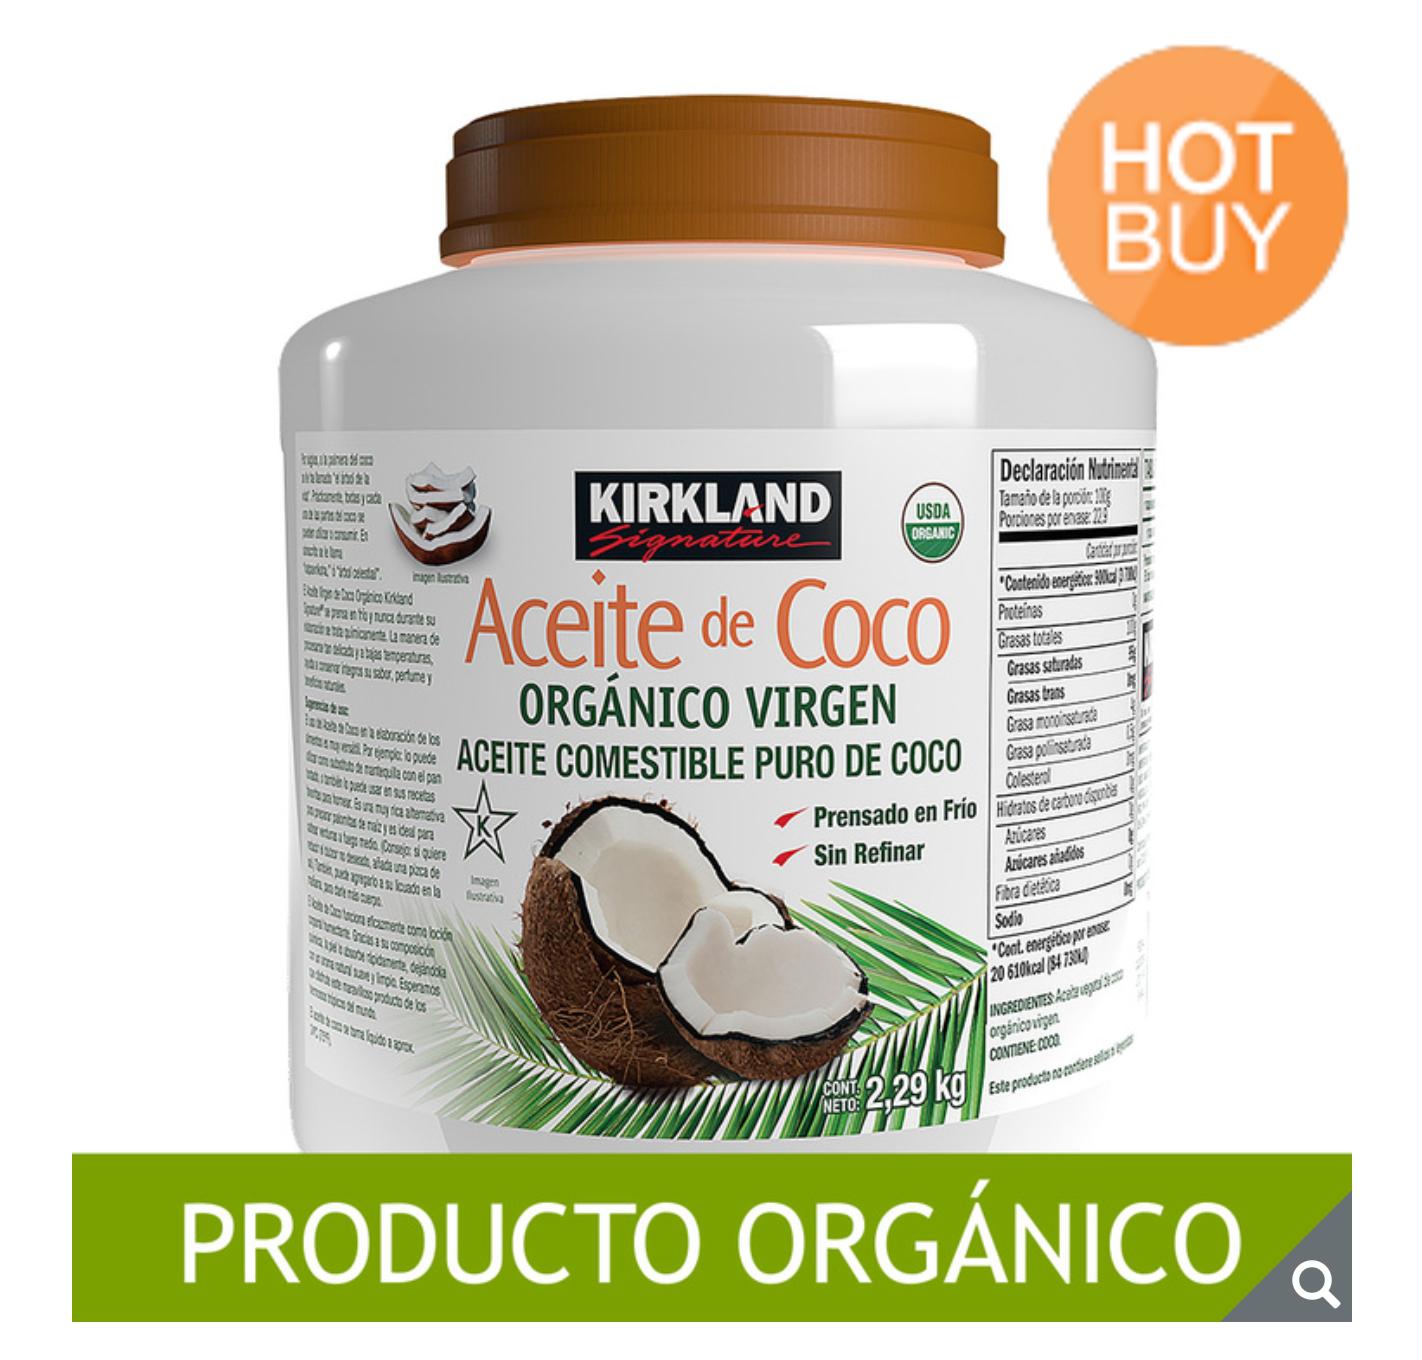 COSTCO: Aceite De Coco Orgánico Virgen Kirkland Signature 2.48 L